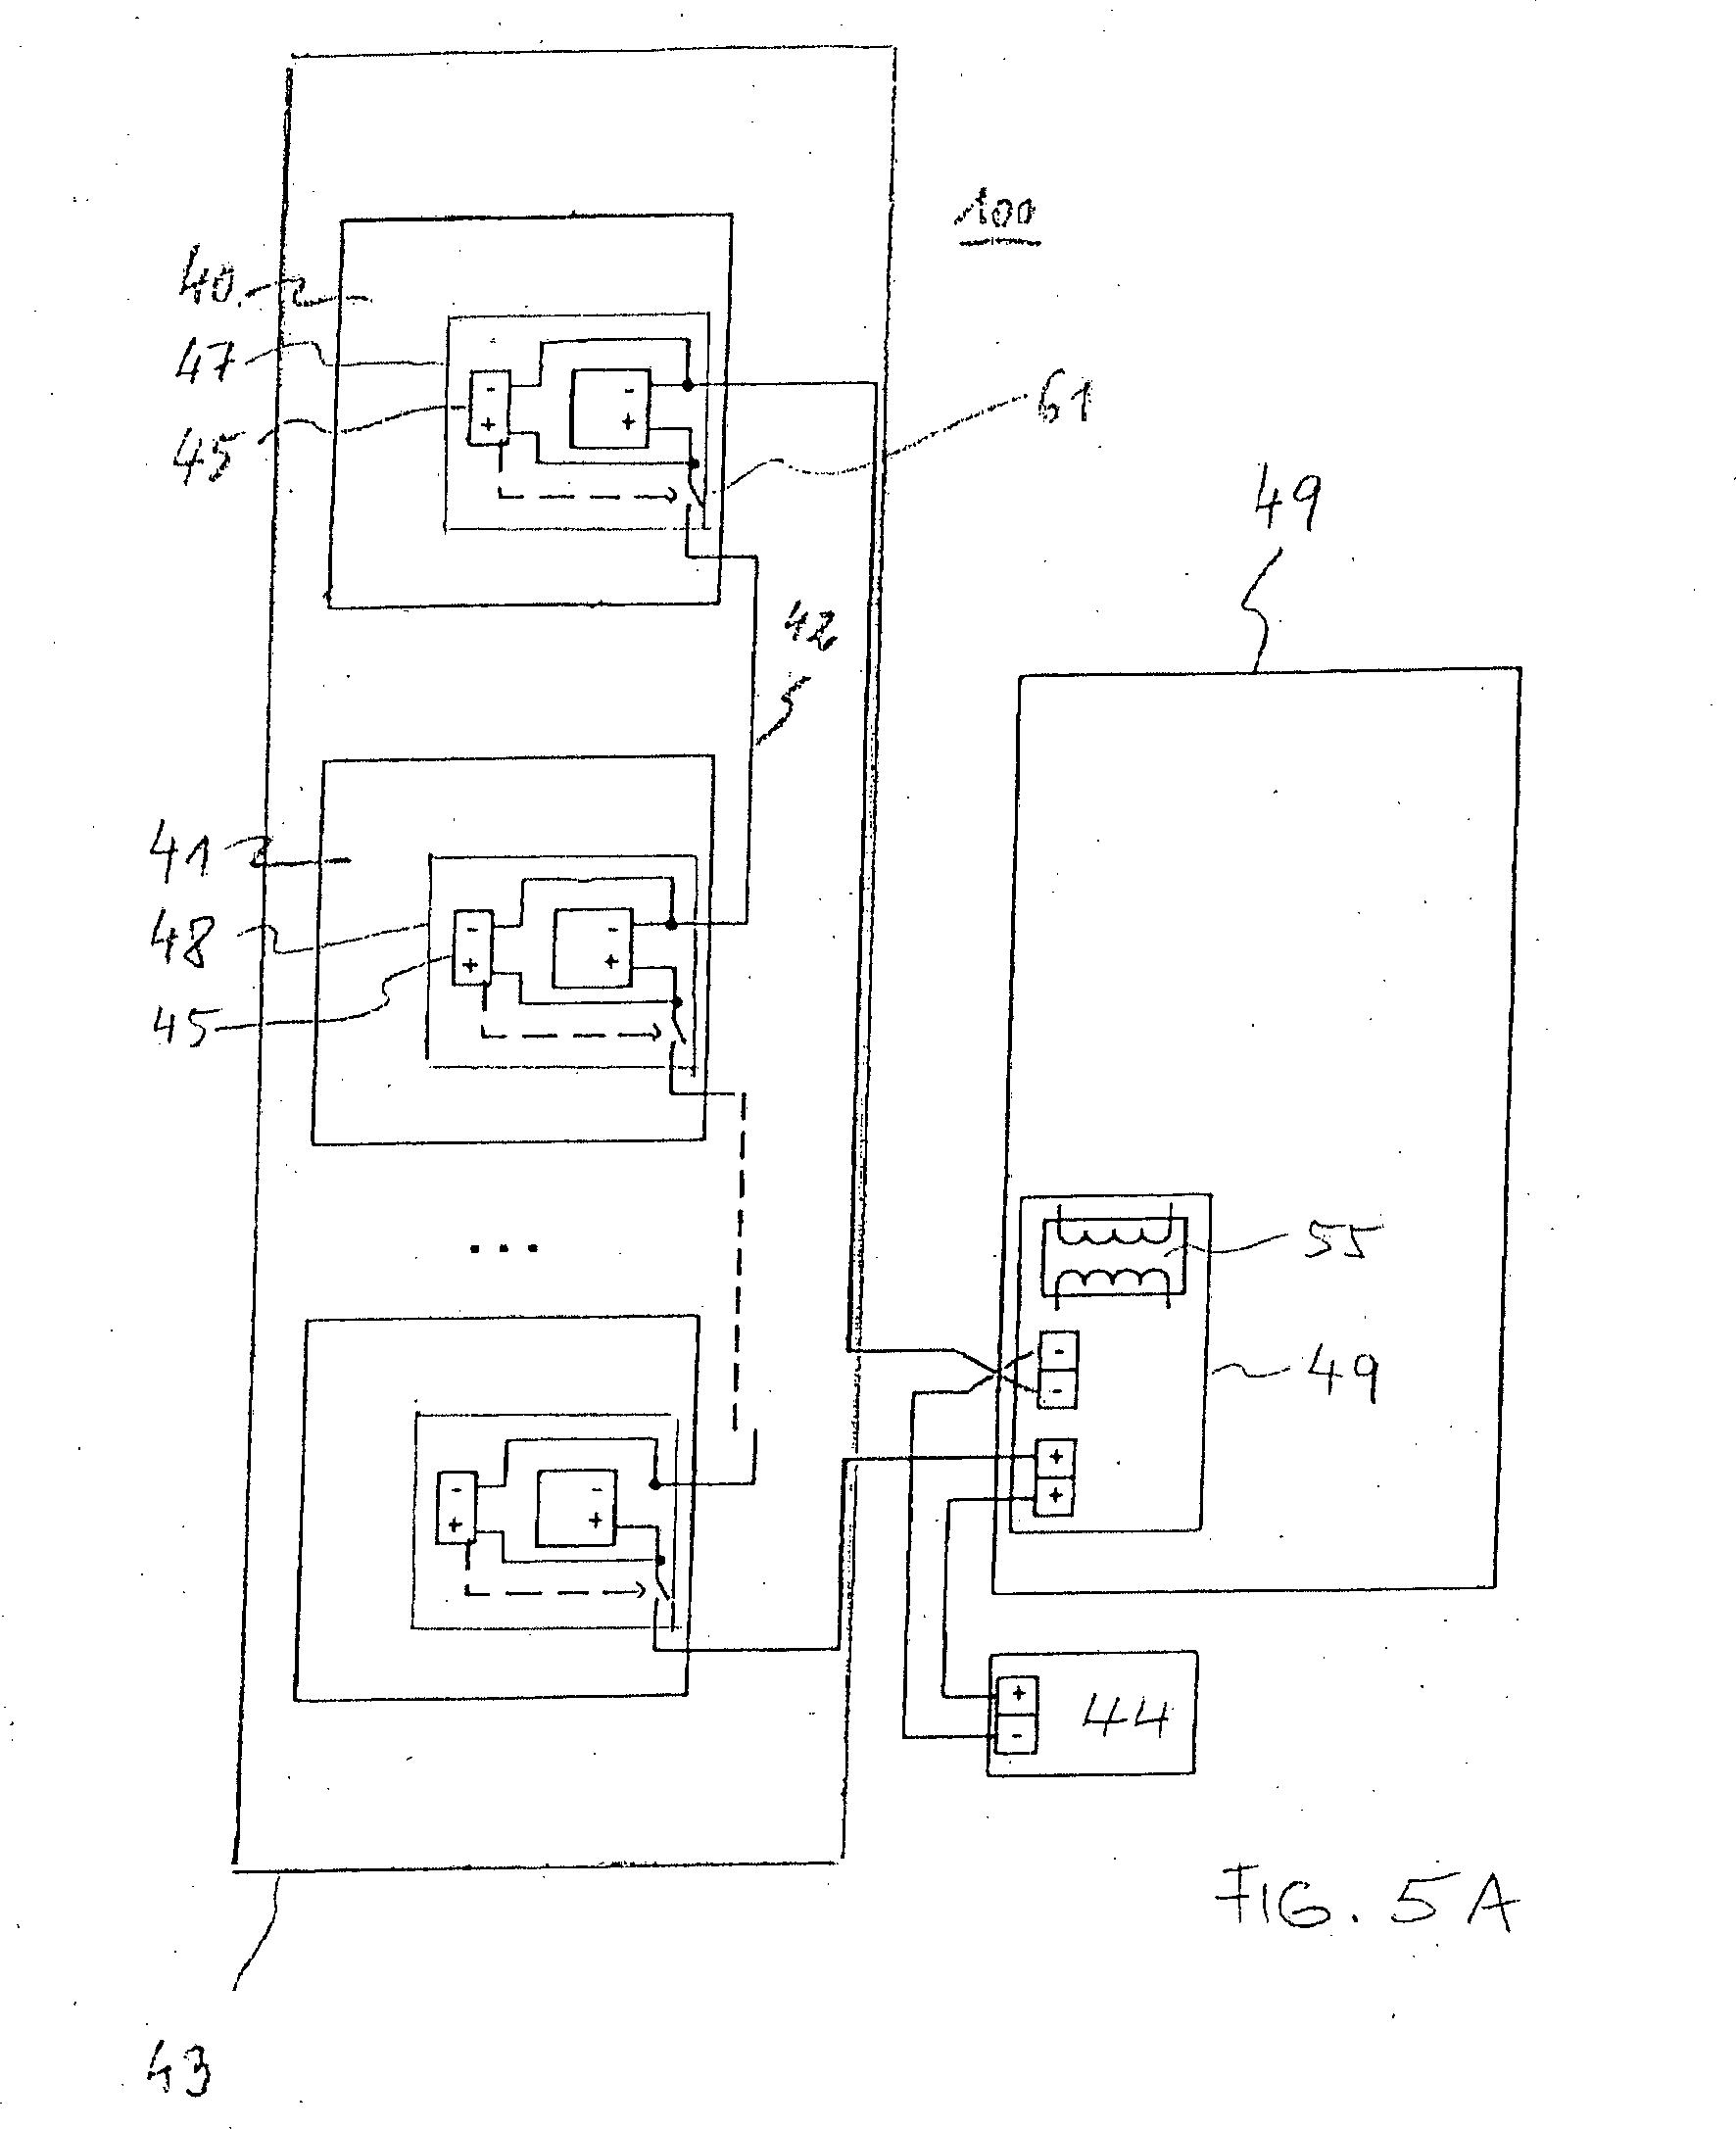 Patent DE102010054354A1 - Verfahren zur Abschaltung einer ...